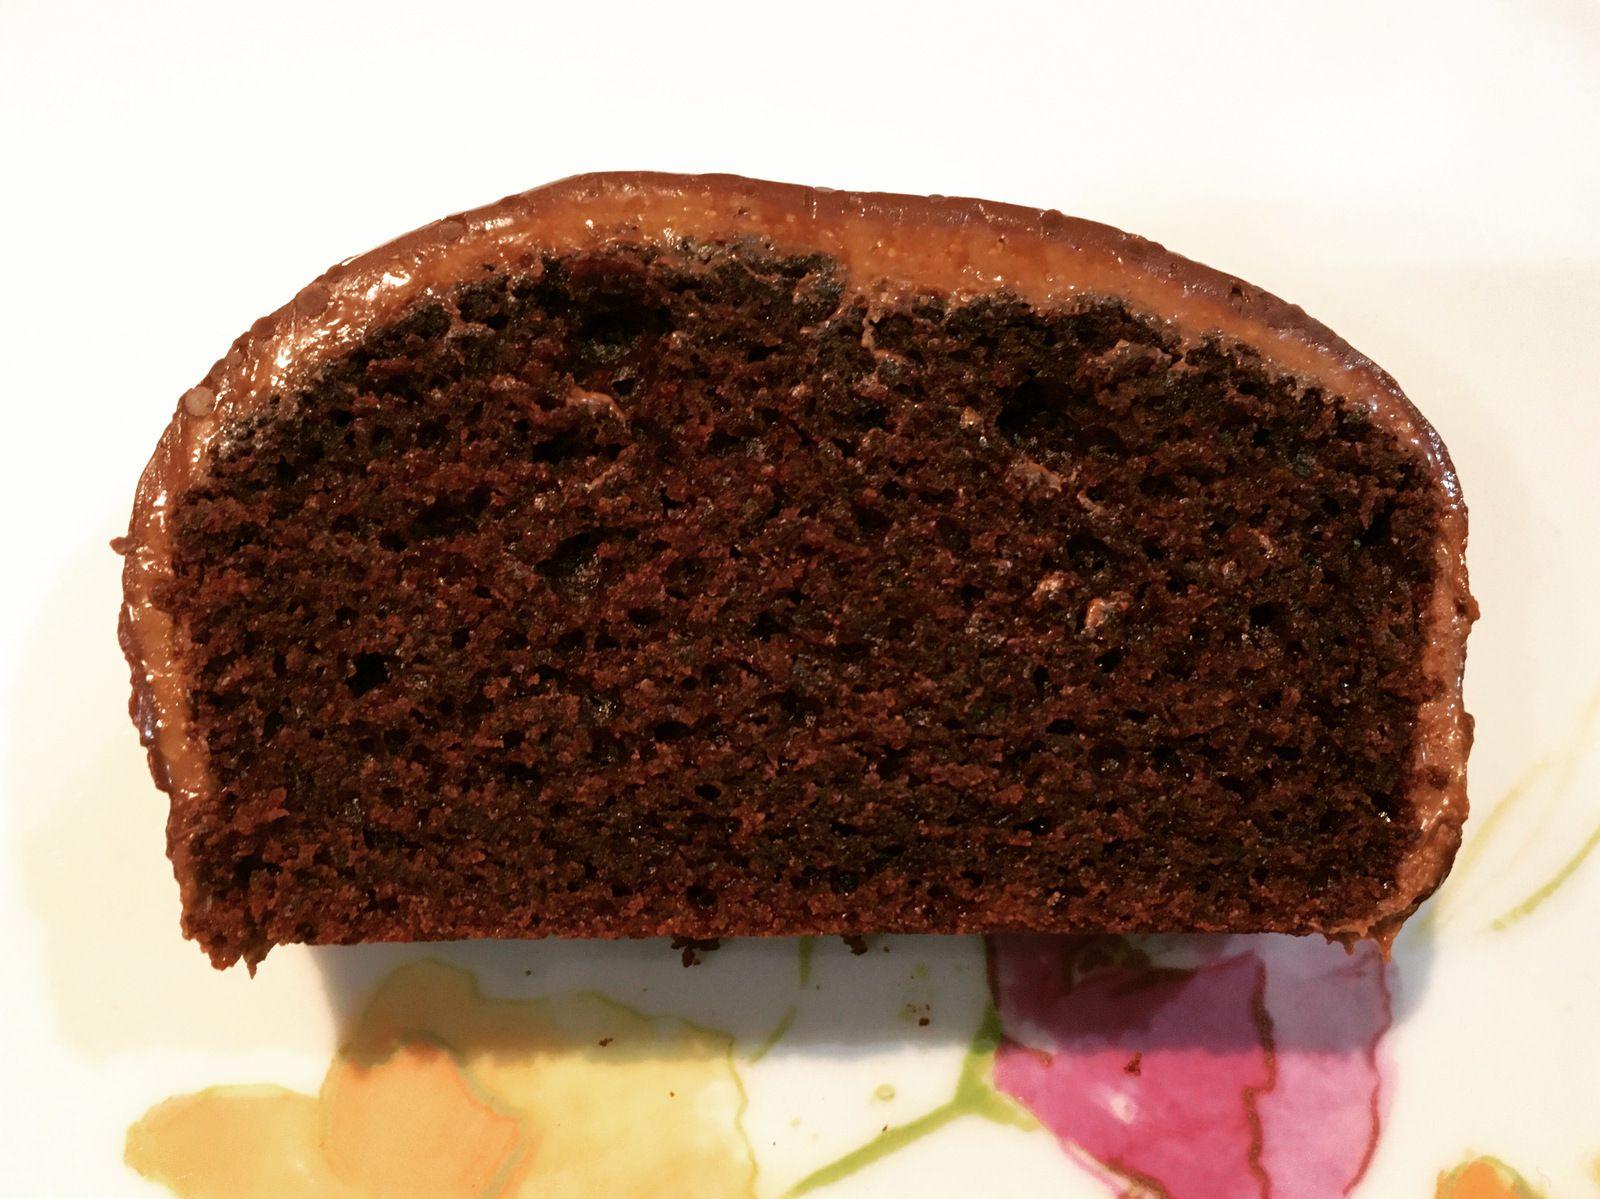 Ce cake est décadent ! (cake chocolat gianduja complètement addictif)